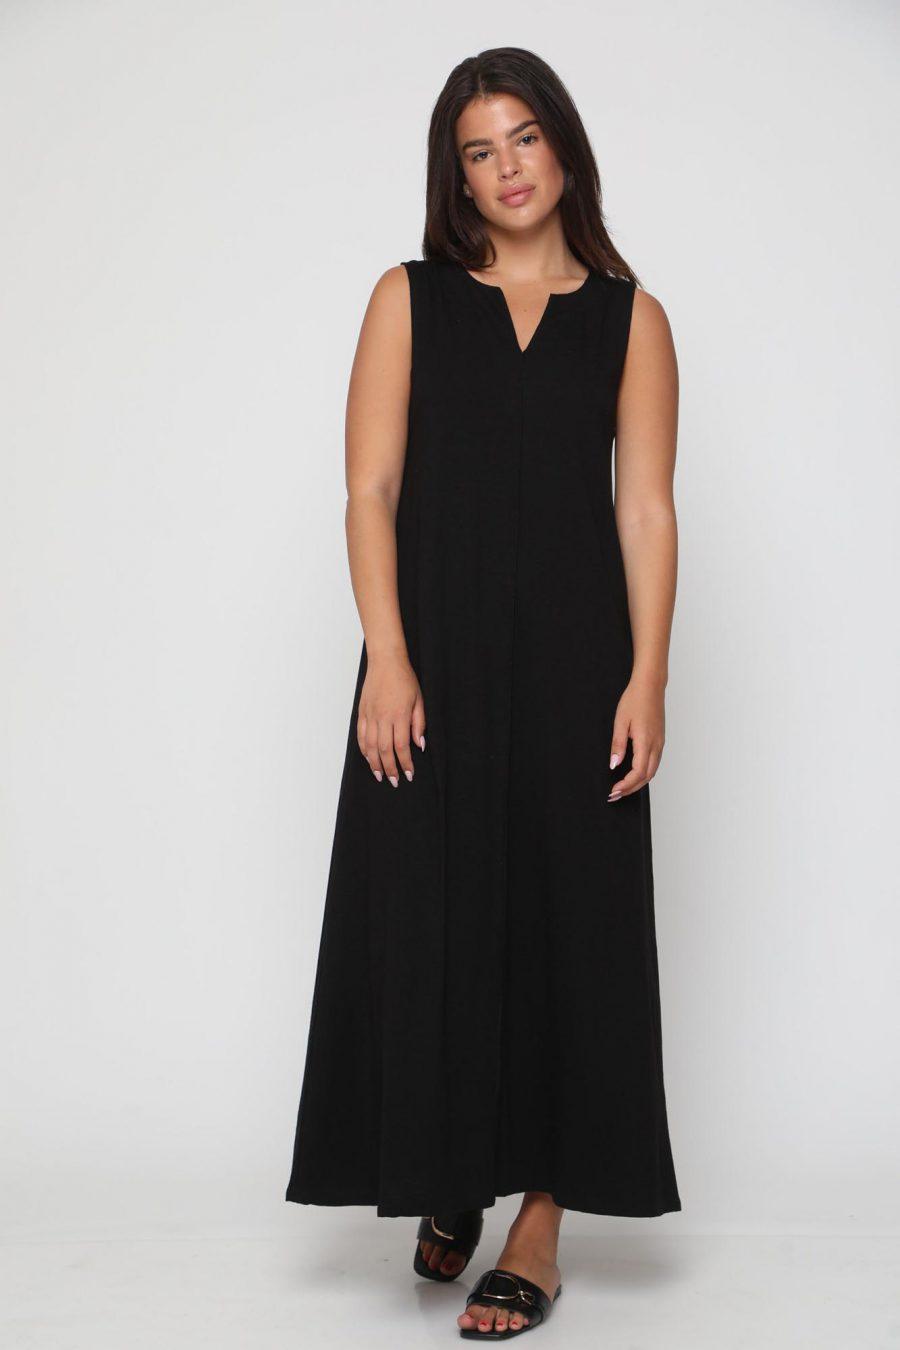 שמלה מונקו חלק שחור